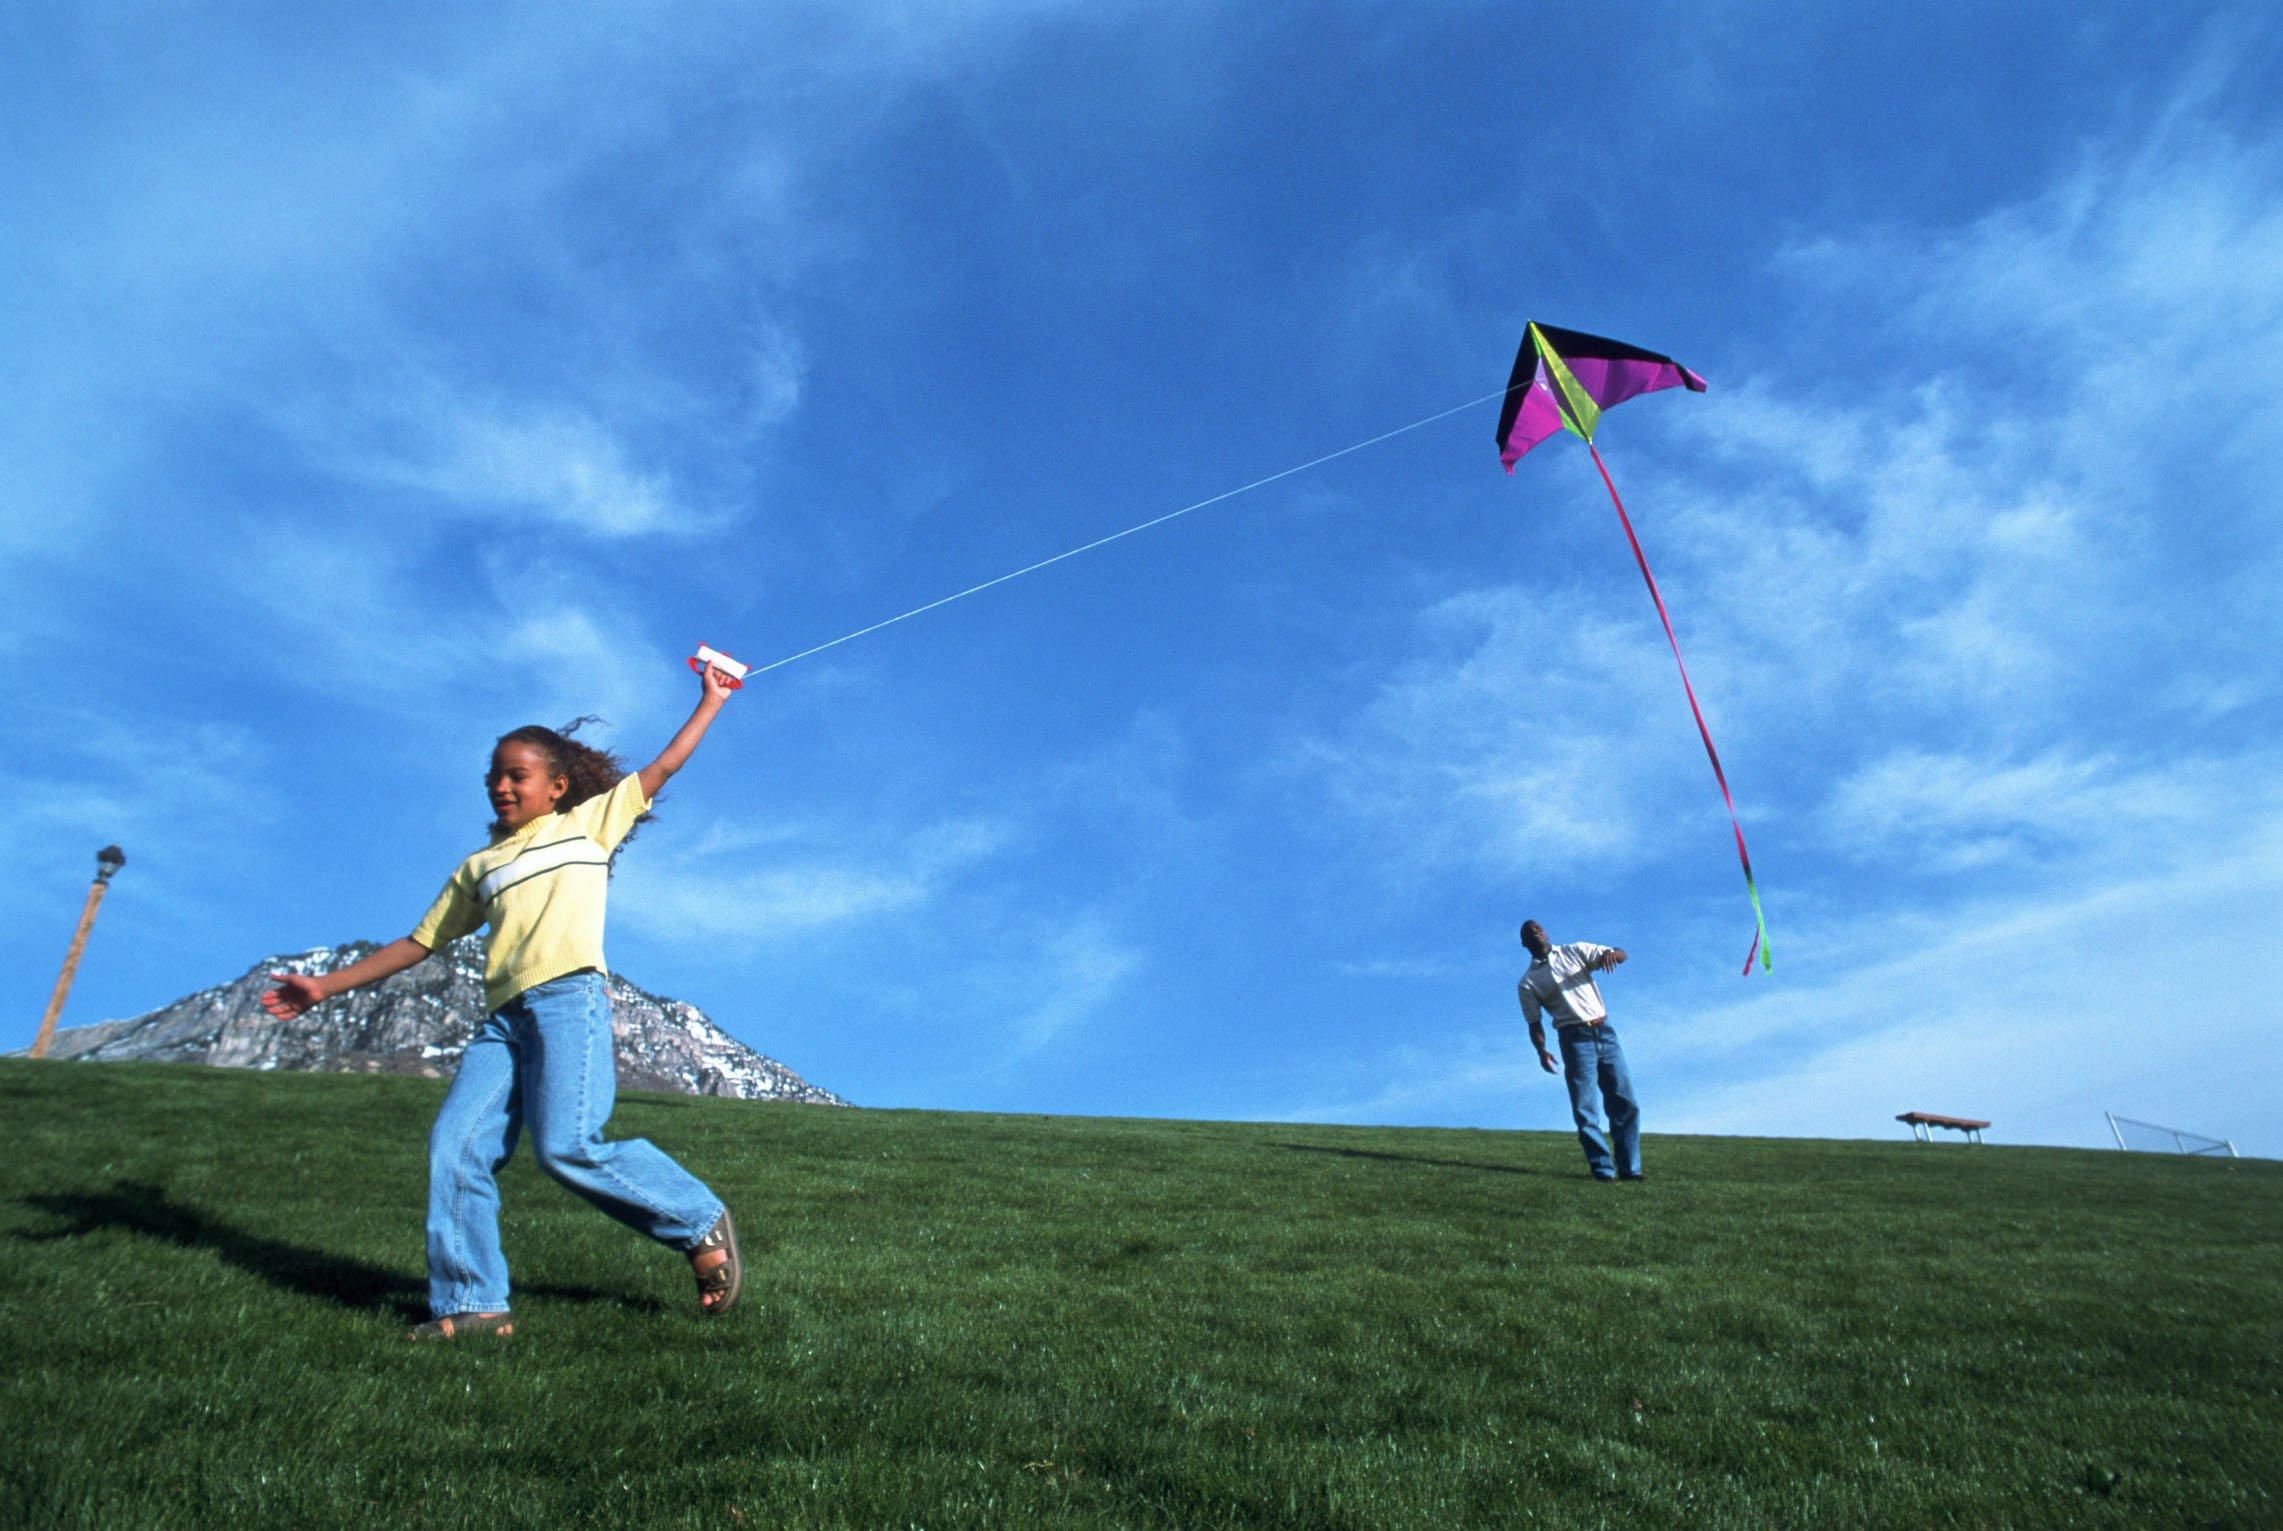 Kite Flying Bokeh Flight Fly Summer Hobby Sport Sky Toy